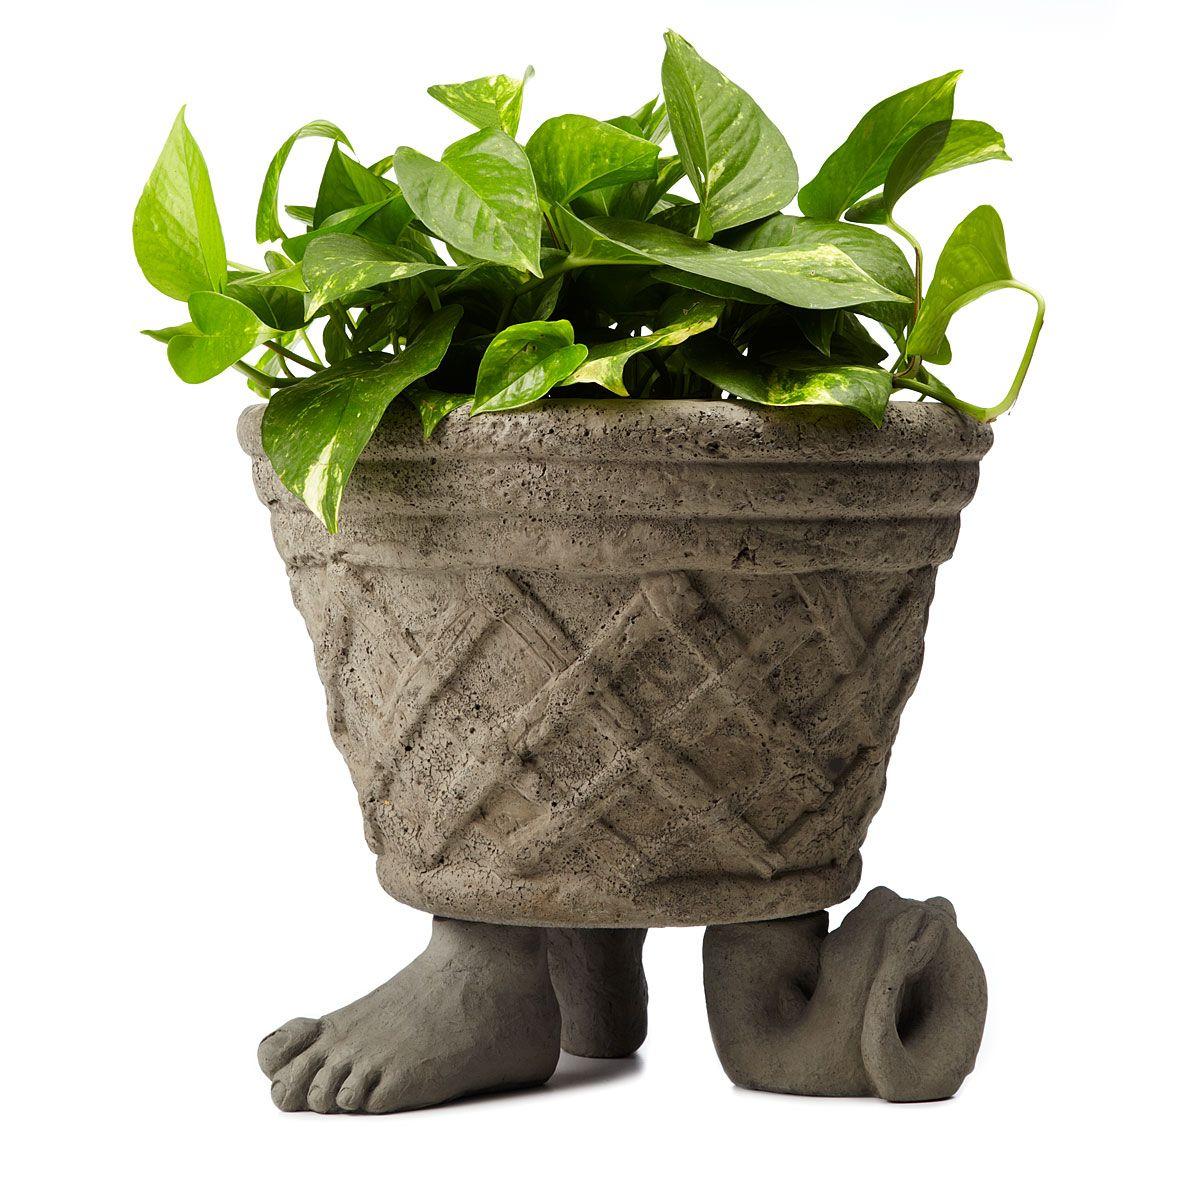 FEET AND TAIL POT FEET - SET OF 3 | Planter Feet, Garden Décor | UncommonGoods